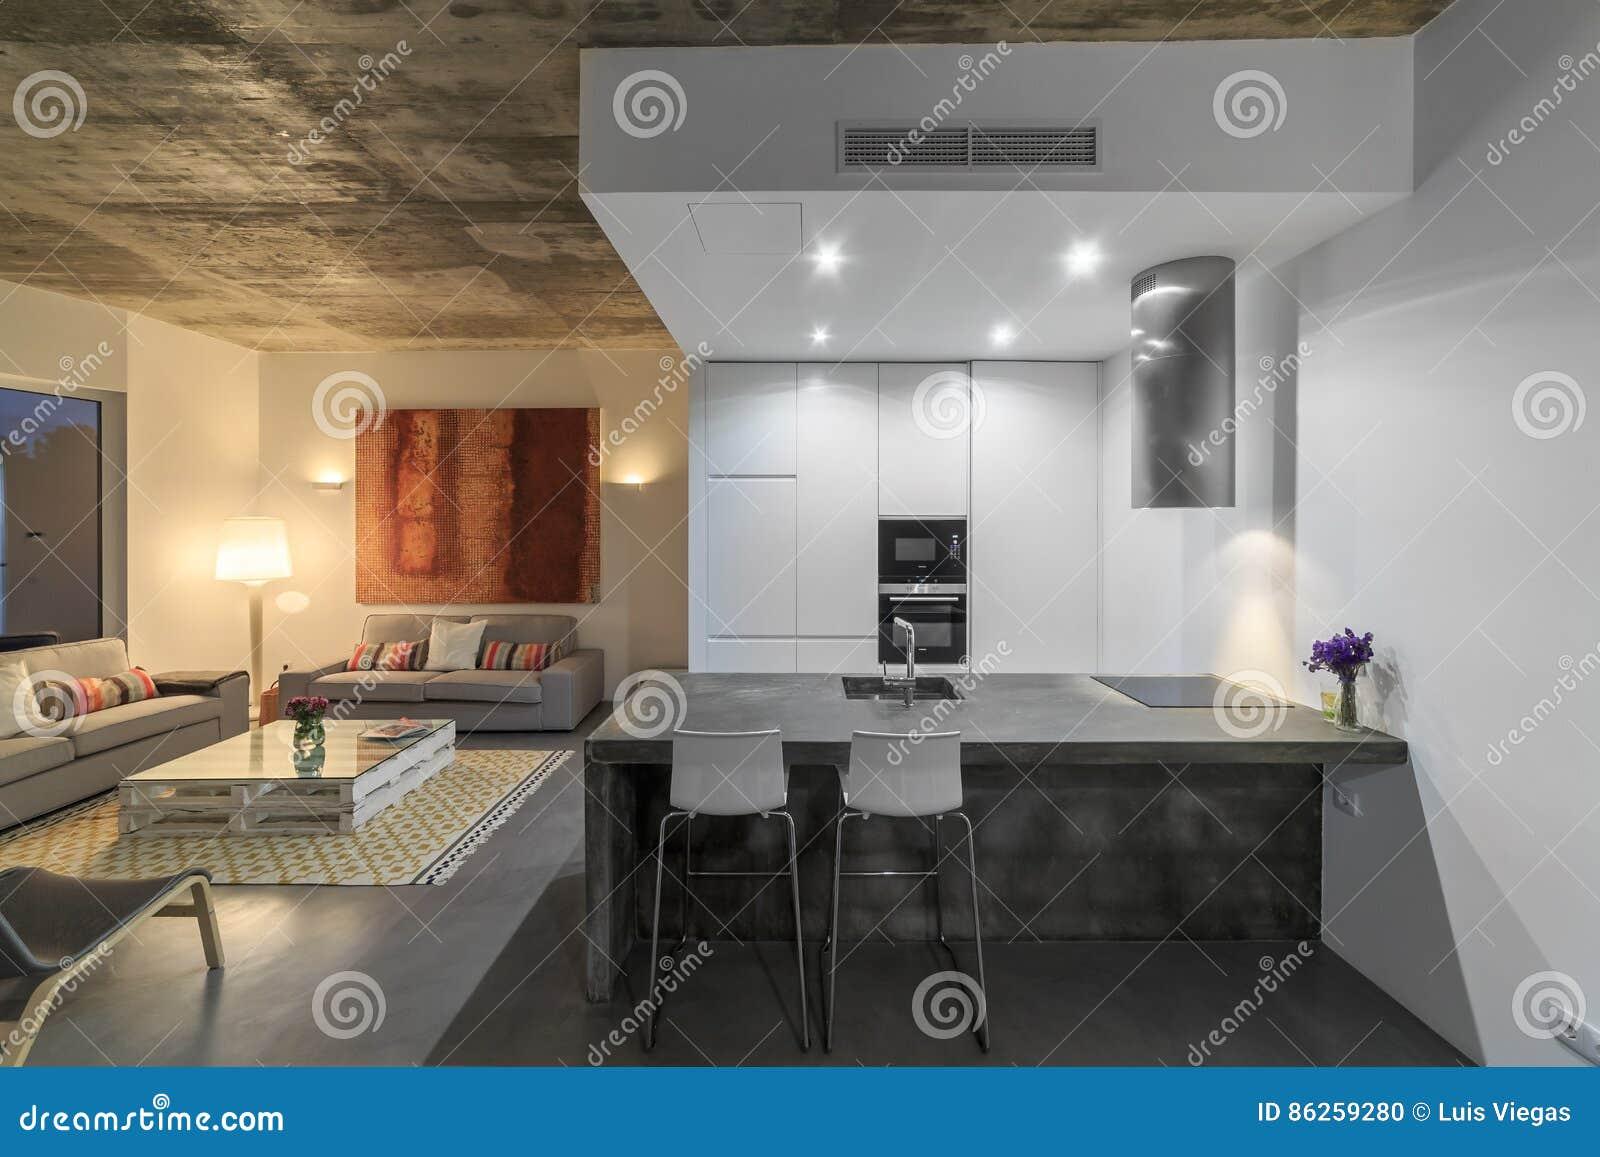 Cucina moderna con la pavimentazione in piastrelle grigia e la